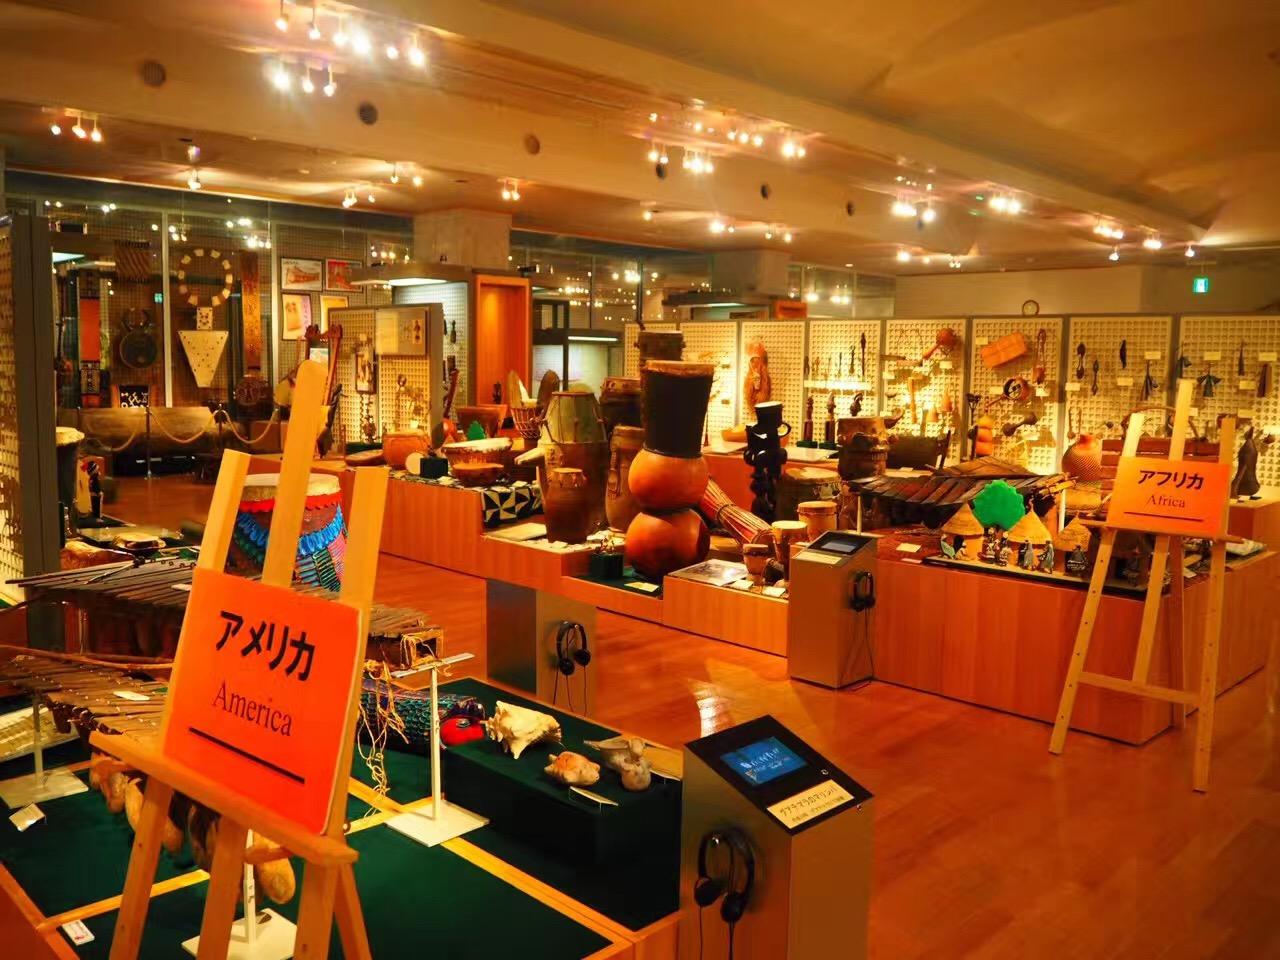 見るだけじゃない!実際に触れて、音色も楽しめる「浜松市楽器博物館」 - 3df66c791b515374bdd83bf4512f40c1